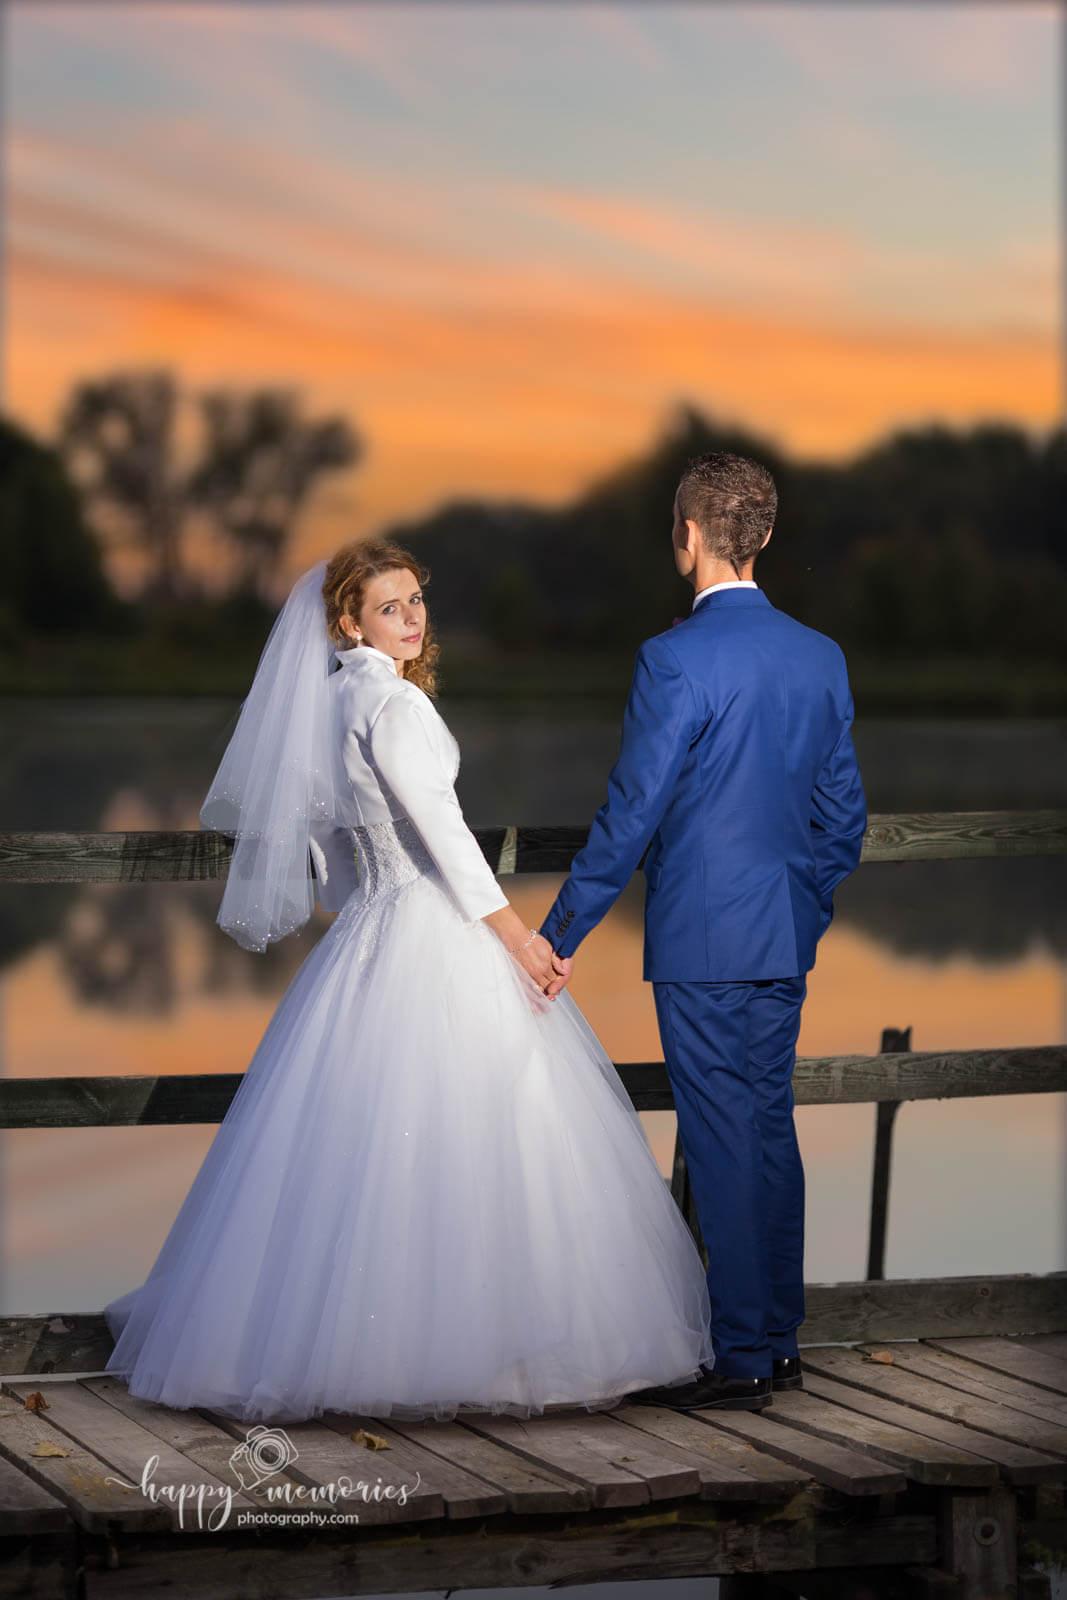 Wedding photographer Horsham-29